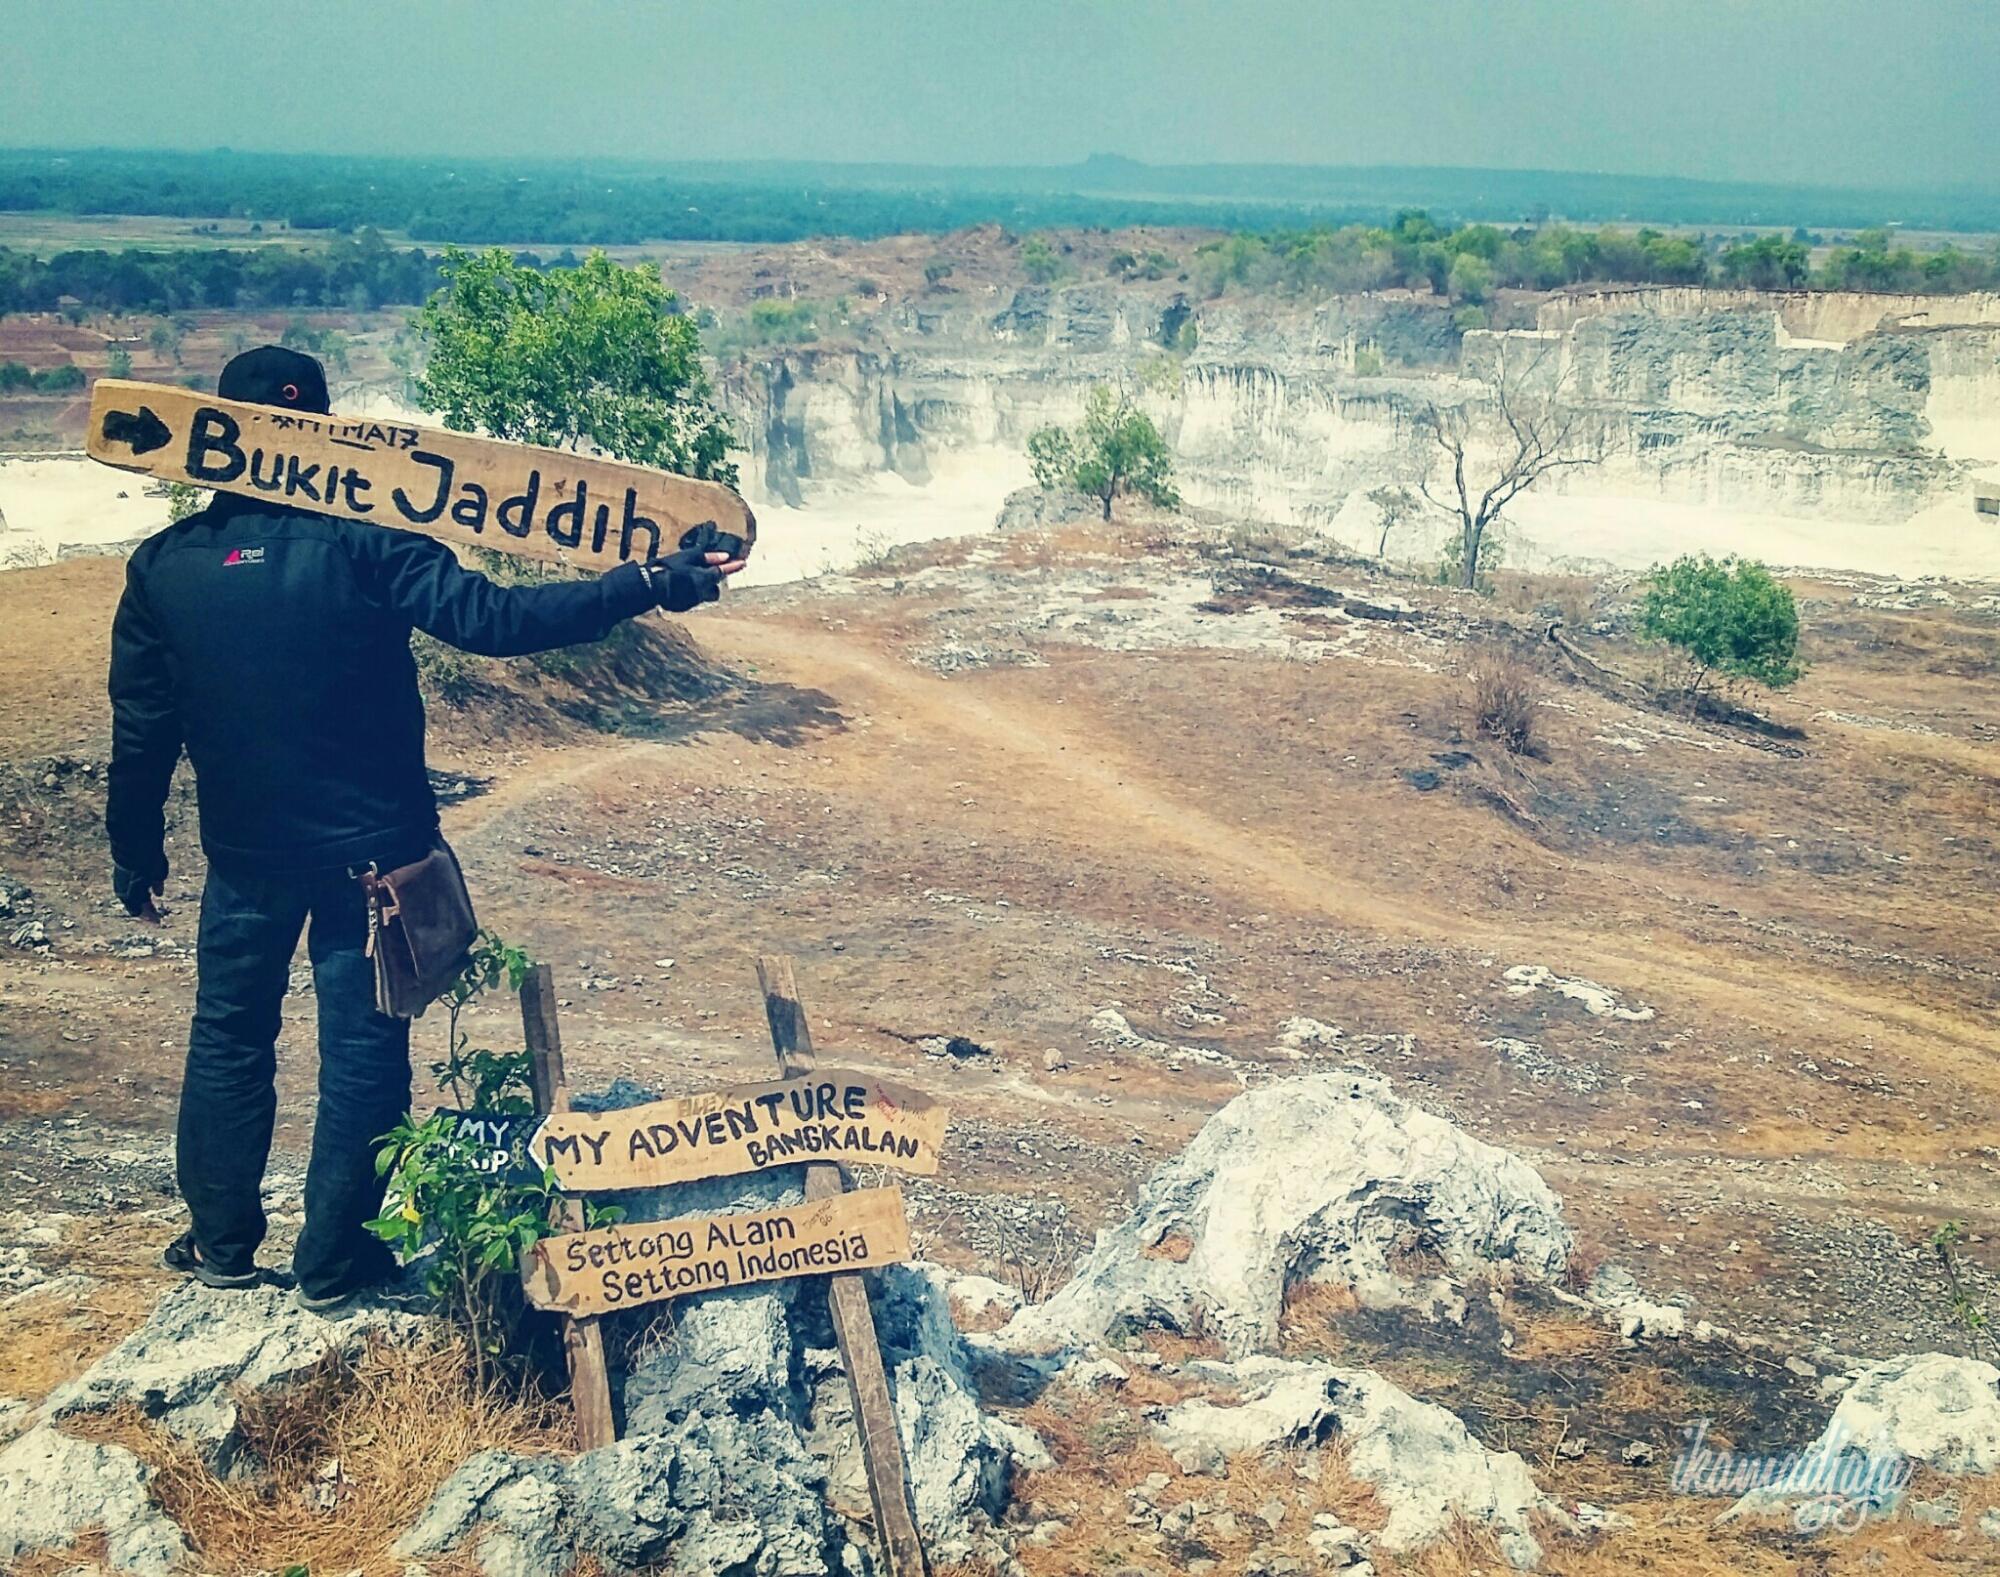 Eksotisme Pertambangan Batu Kapur Bukit Jaddih Ikamadjaja Madura Kab Bangkalan